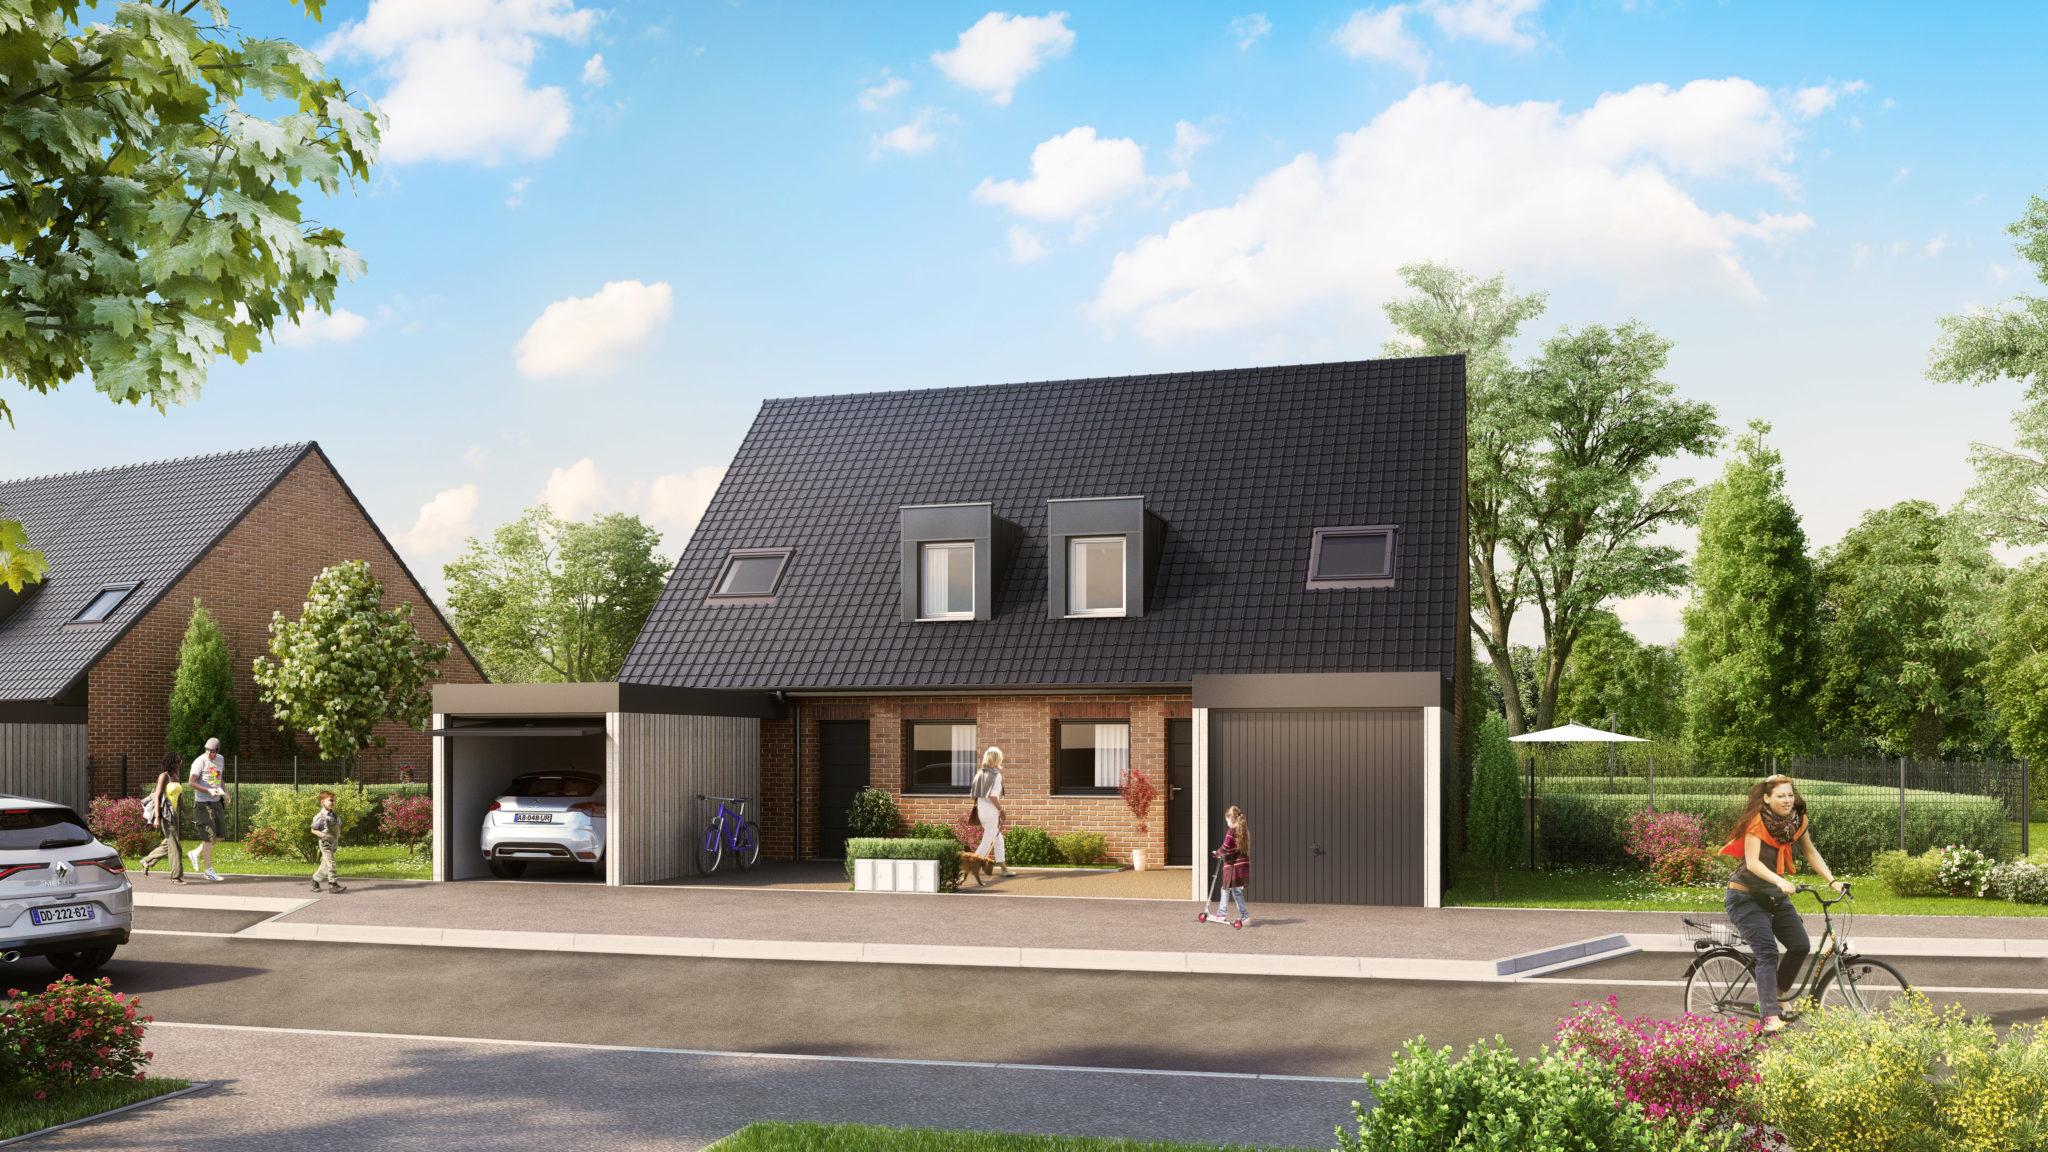 Maison neuve en psla lestrem avec la srcj for Prix maison neuve 2 chambres